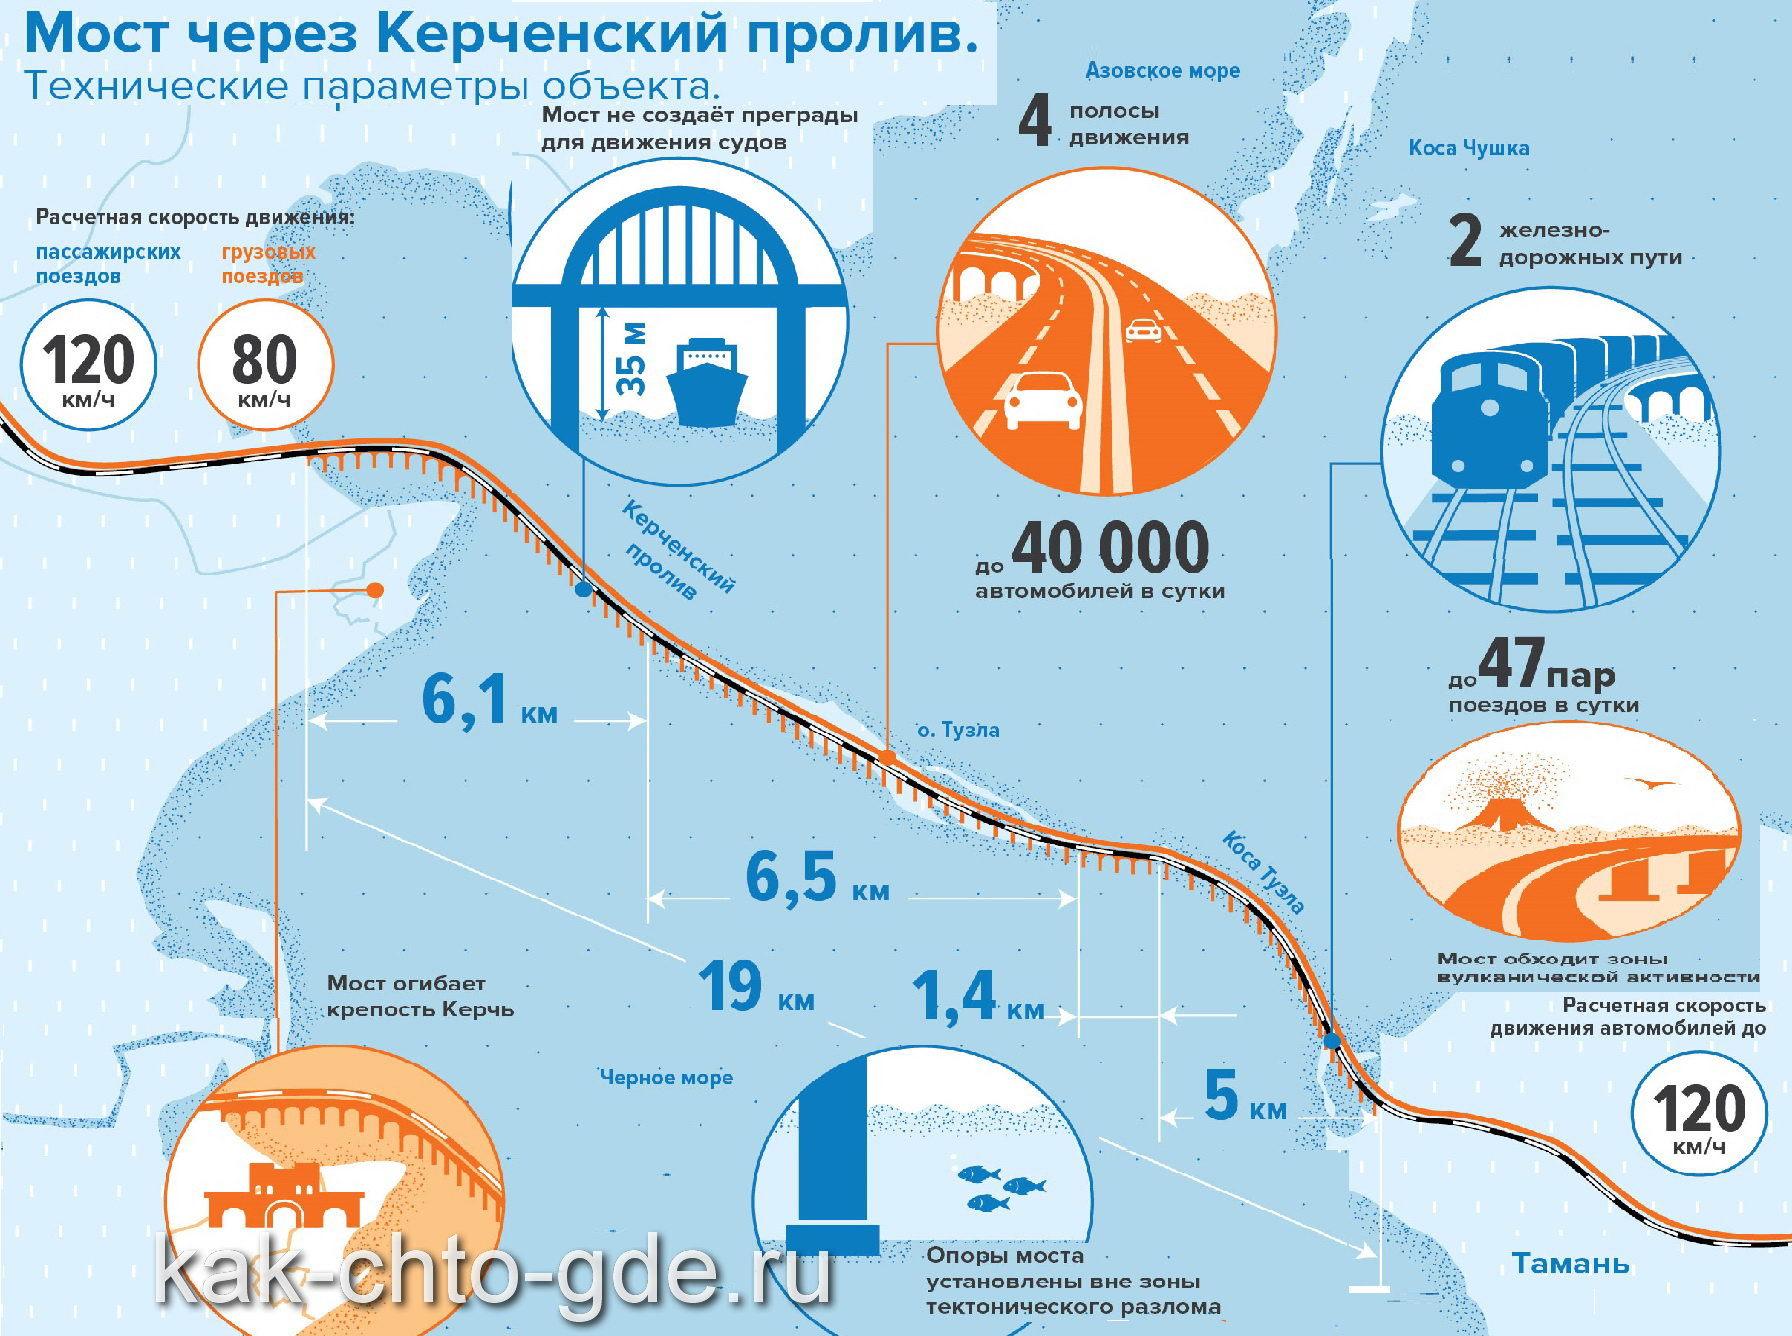 Строительство моста через керченский пролив закончится в 2019 году